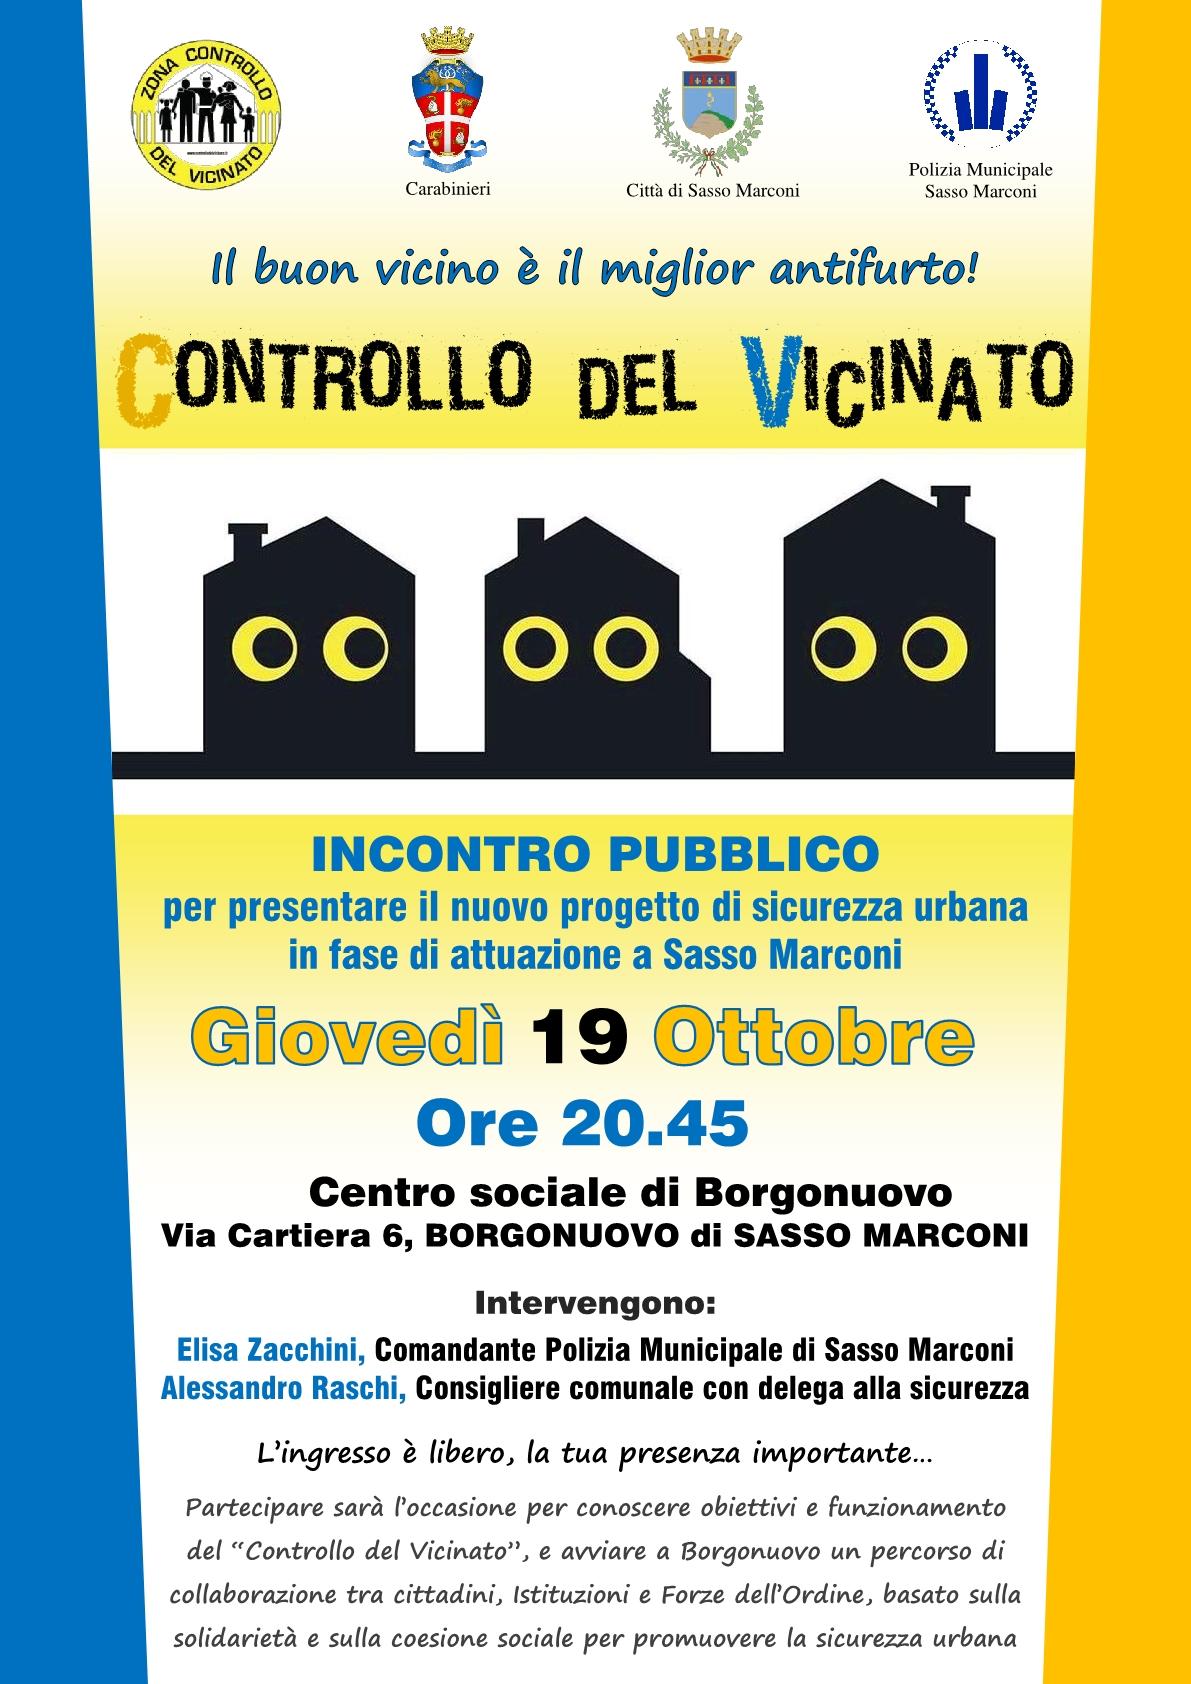 Controllo del Vicinato - Presentazione del nuovo progetto di sicurezza urbana a Sasso Marconi.